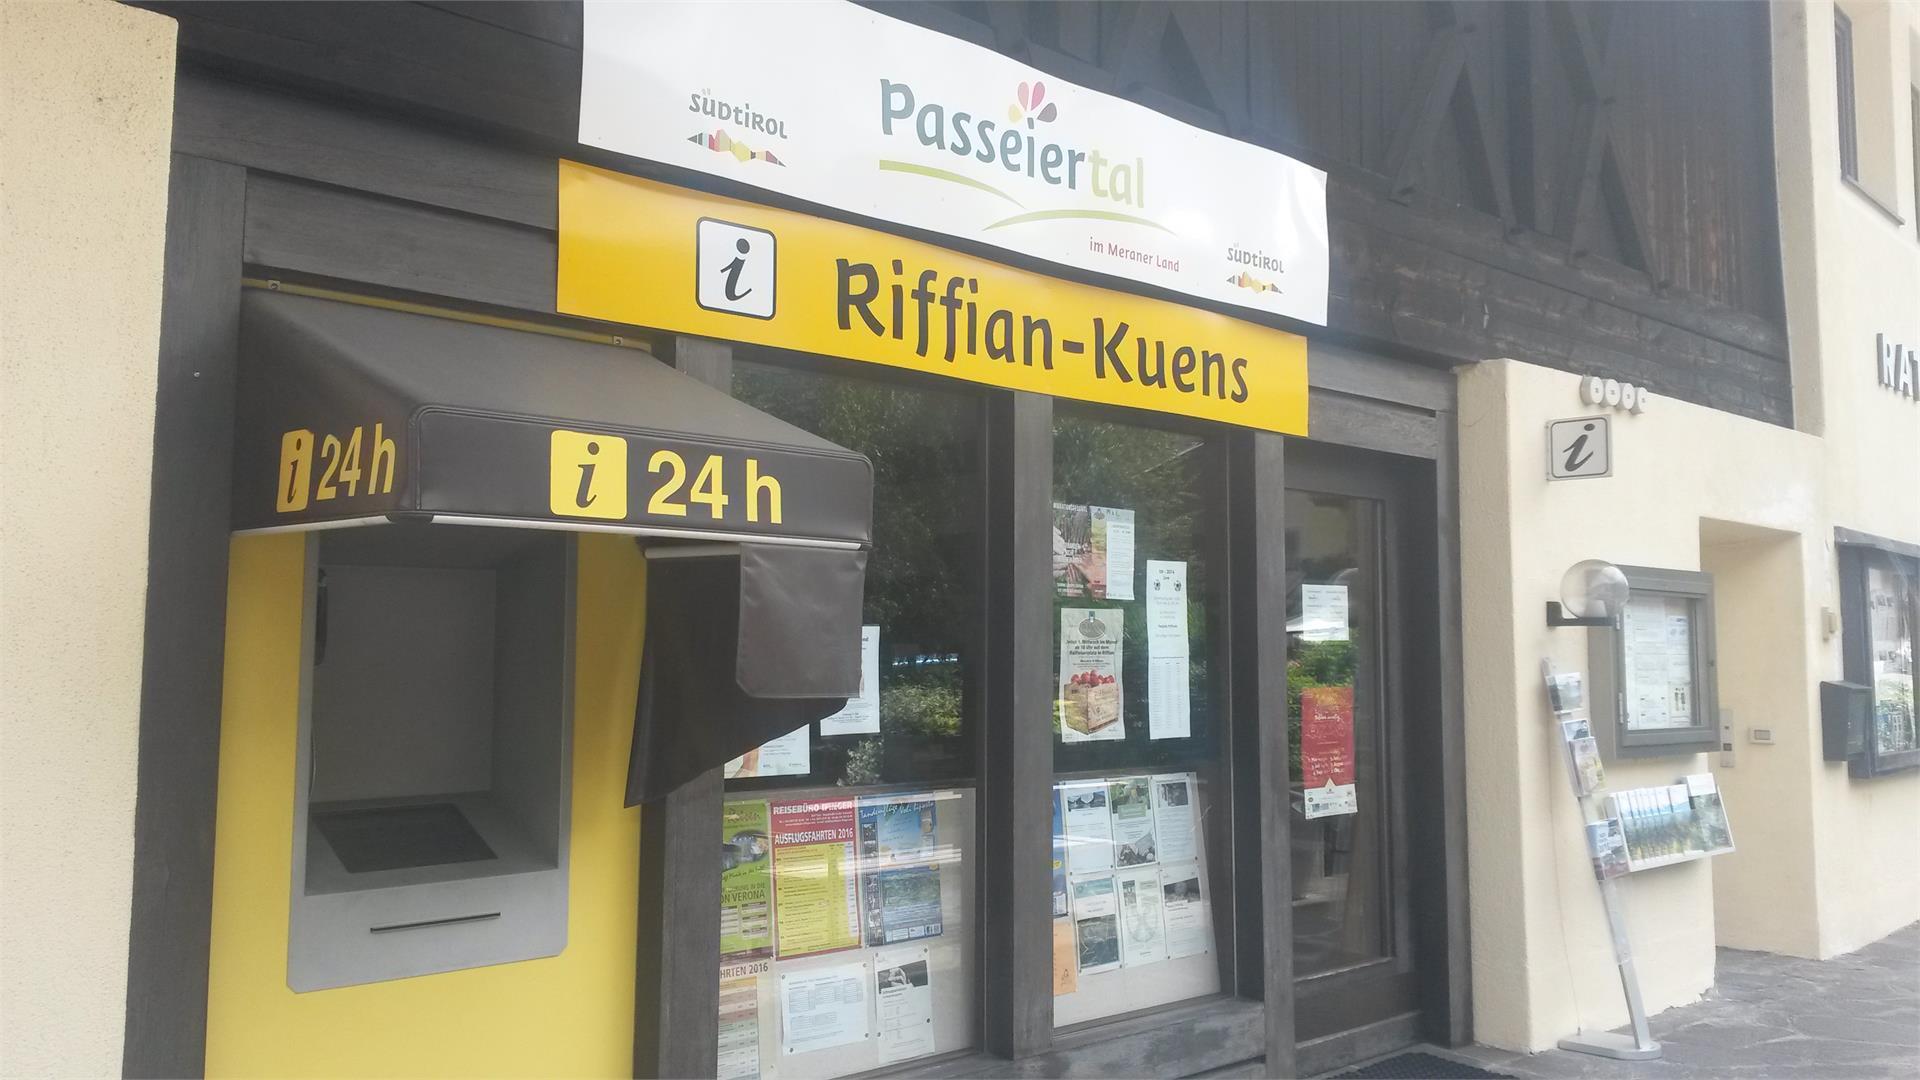 Ufficio turistico di Rifiano-Caines